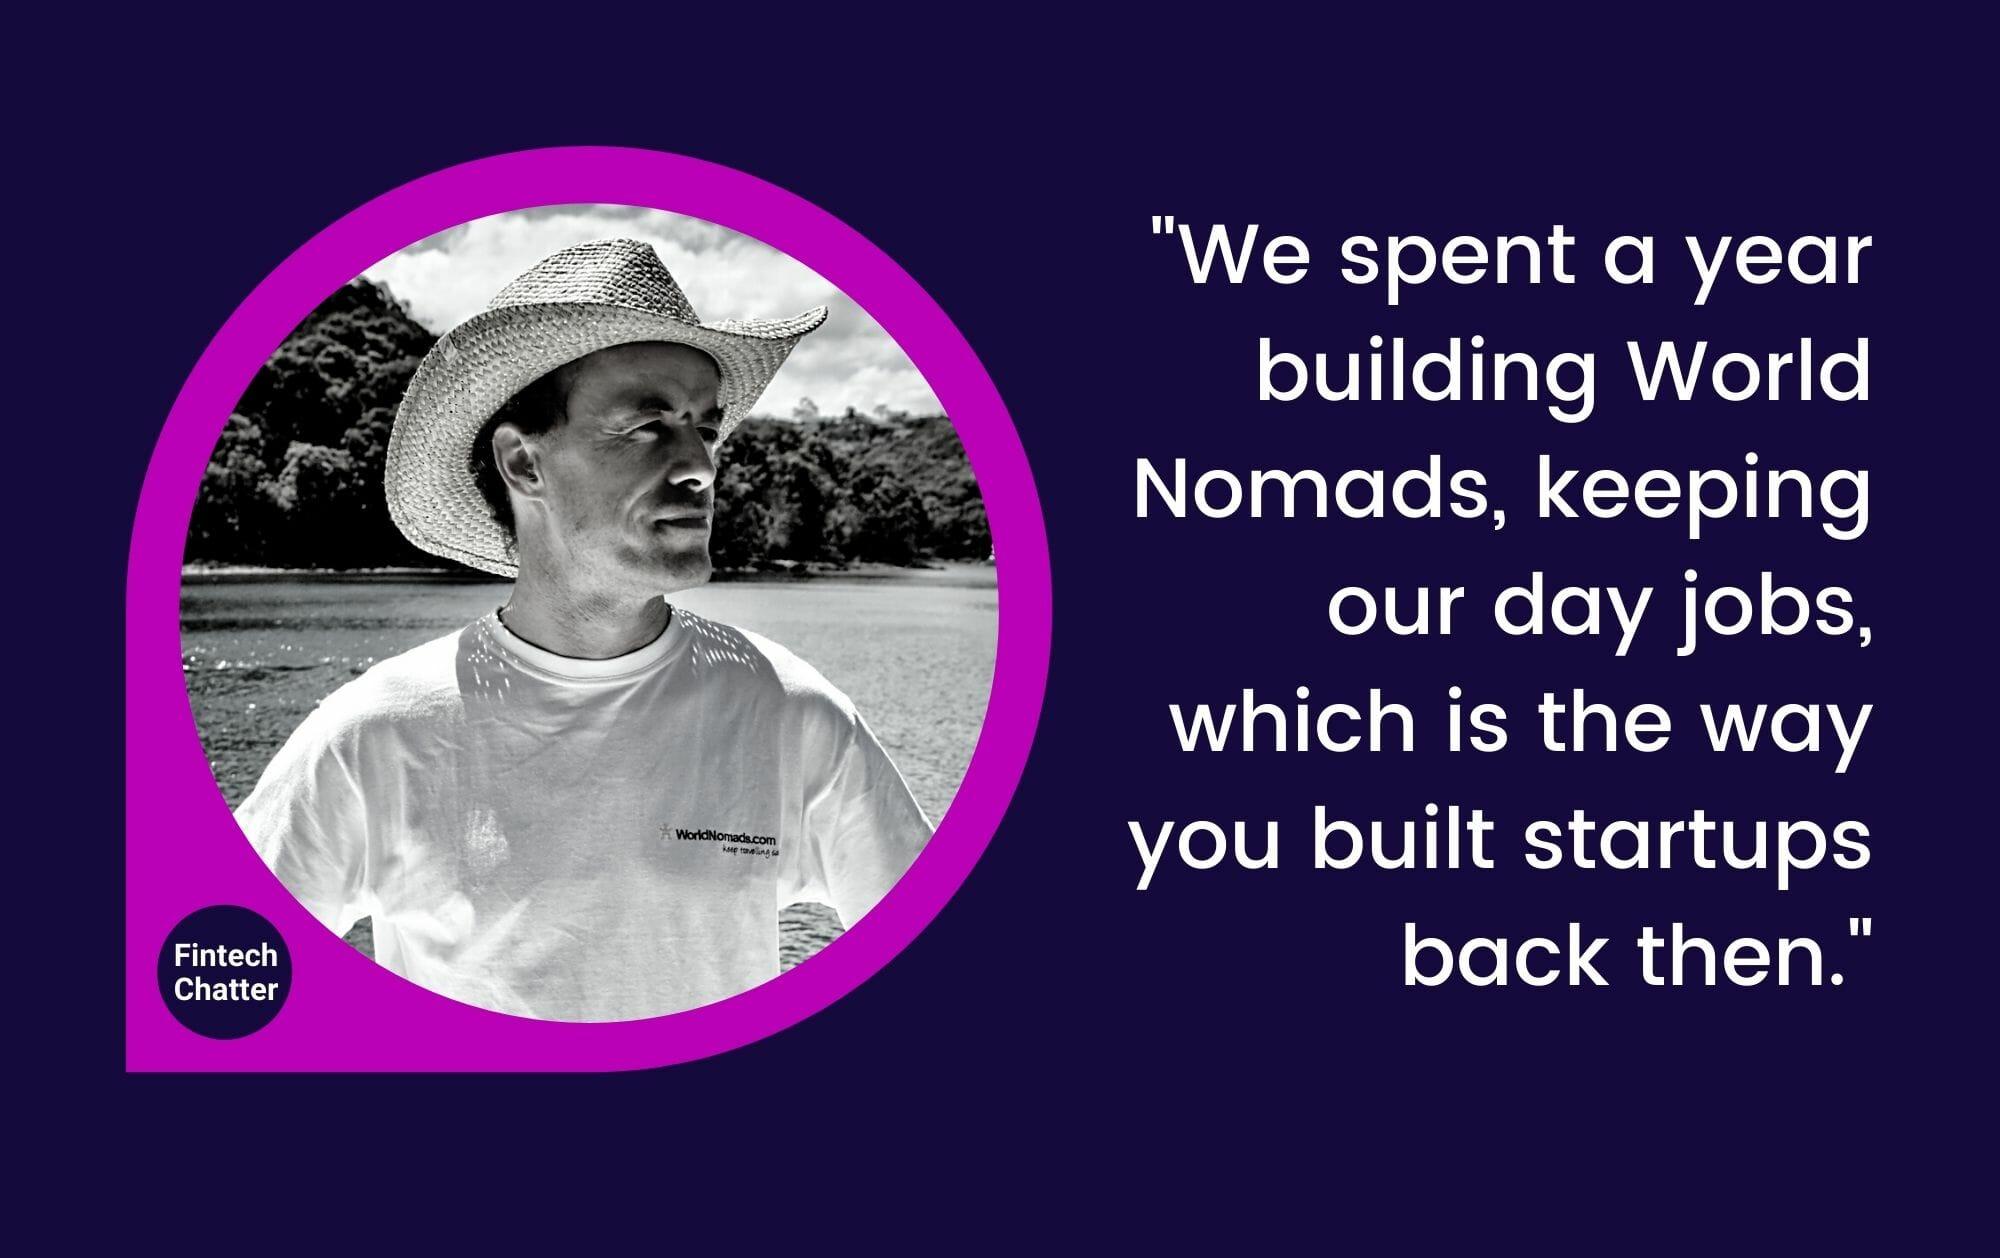 World Nomads Simon Monk Fintech Chatter Podcast